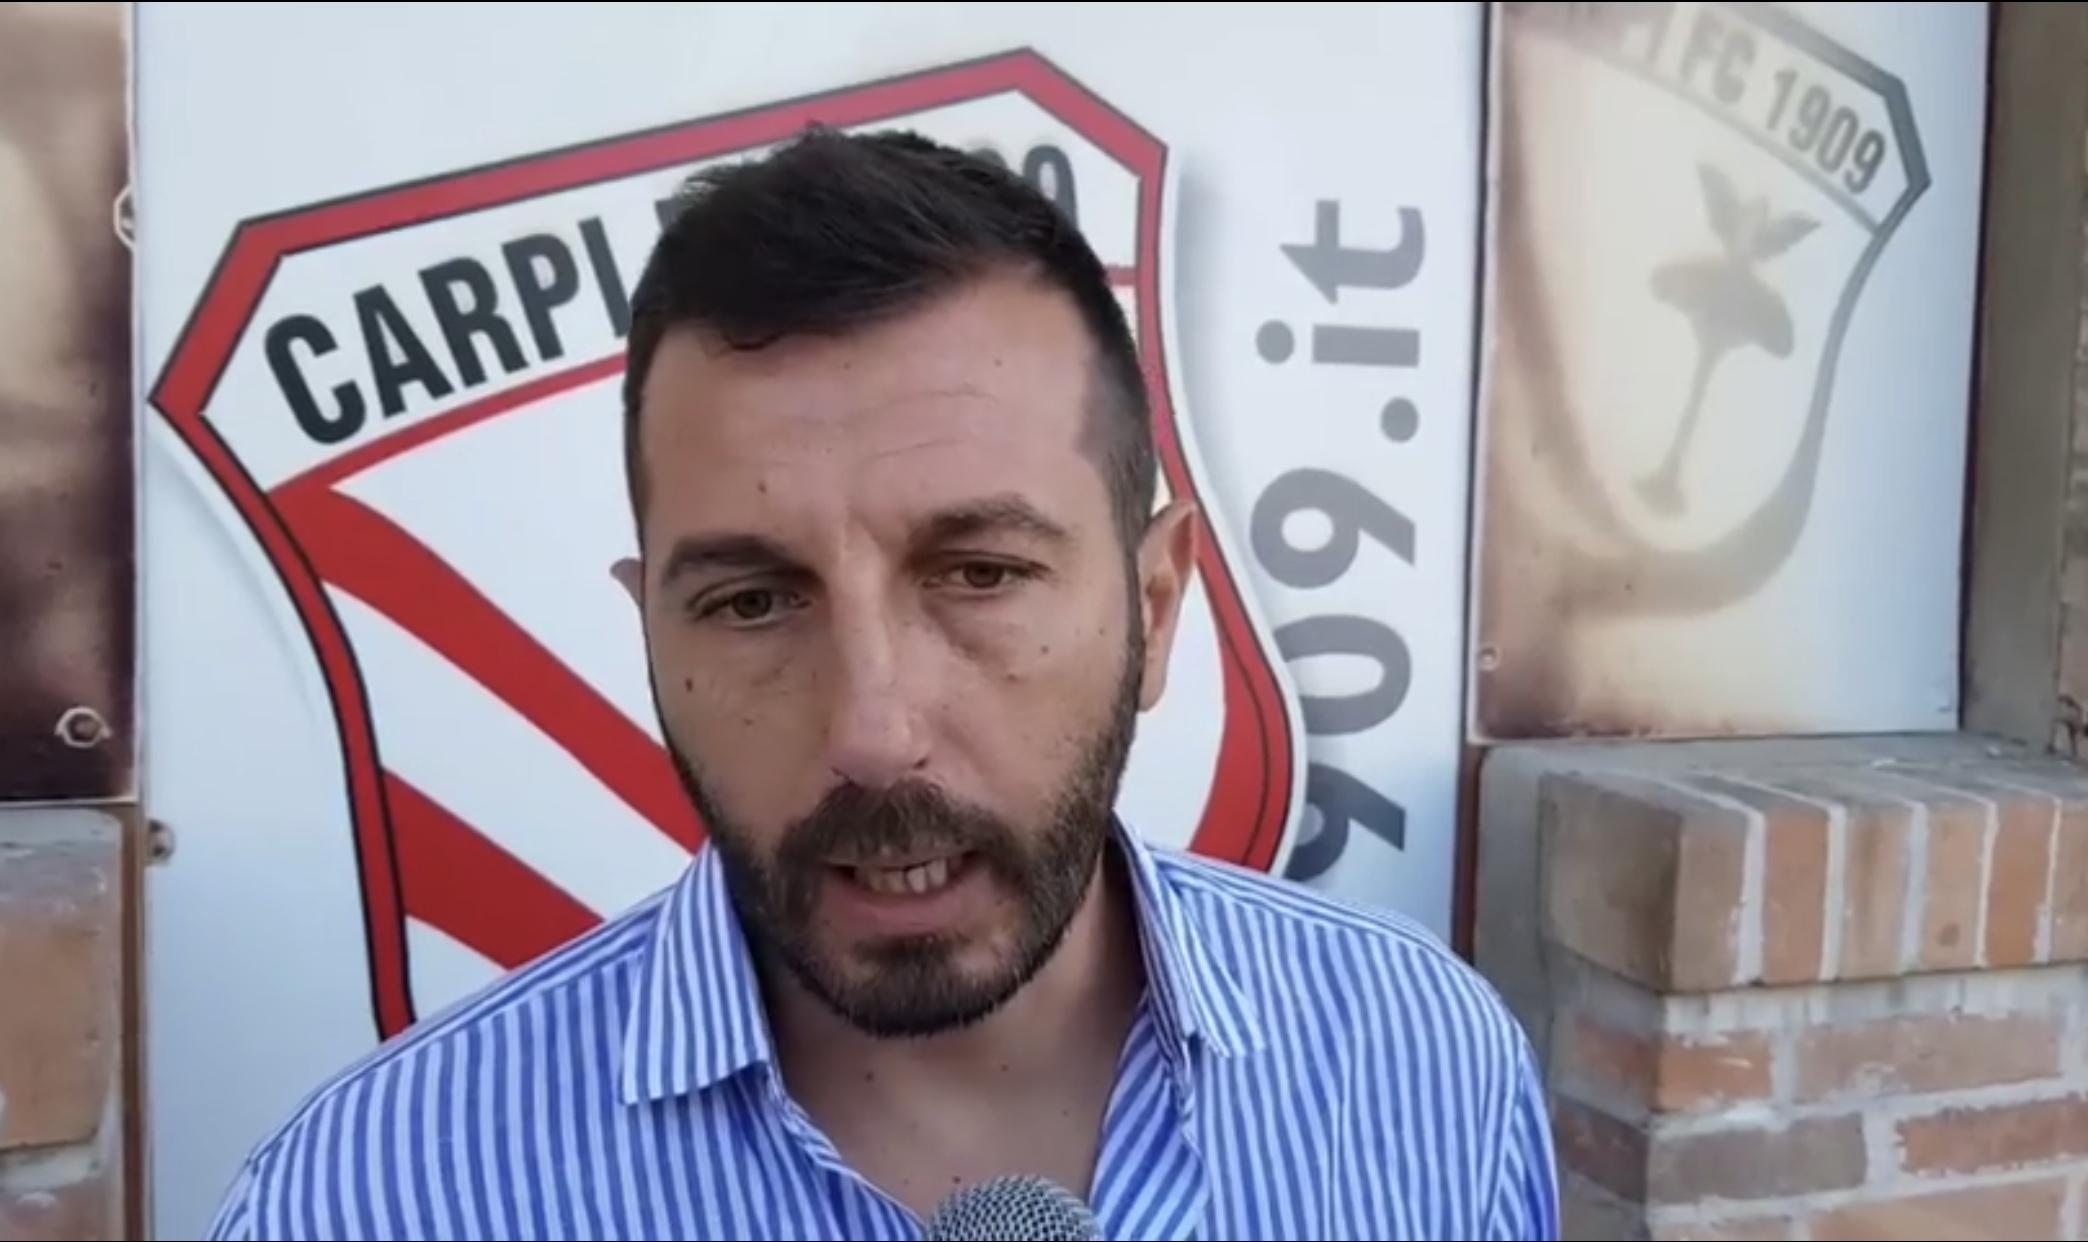 Carpi, le parole del ds Stefano Stefanelli